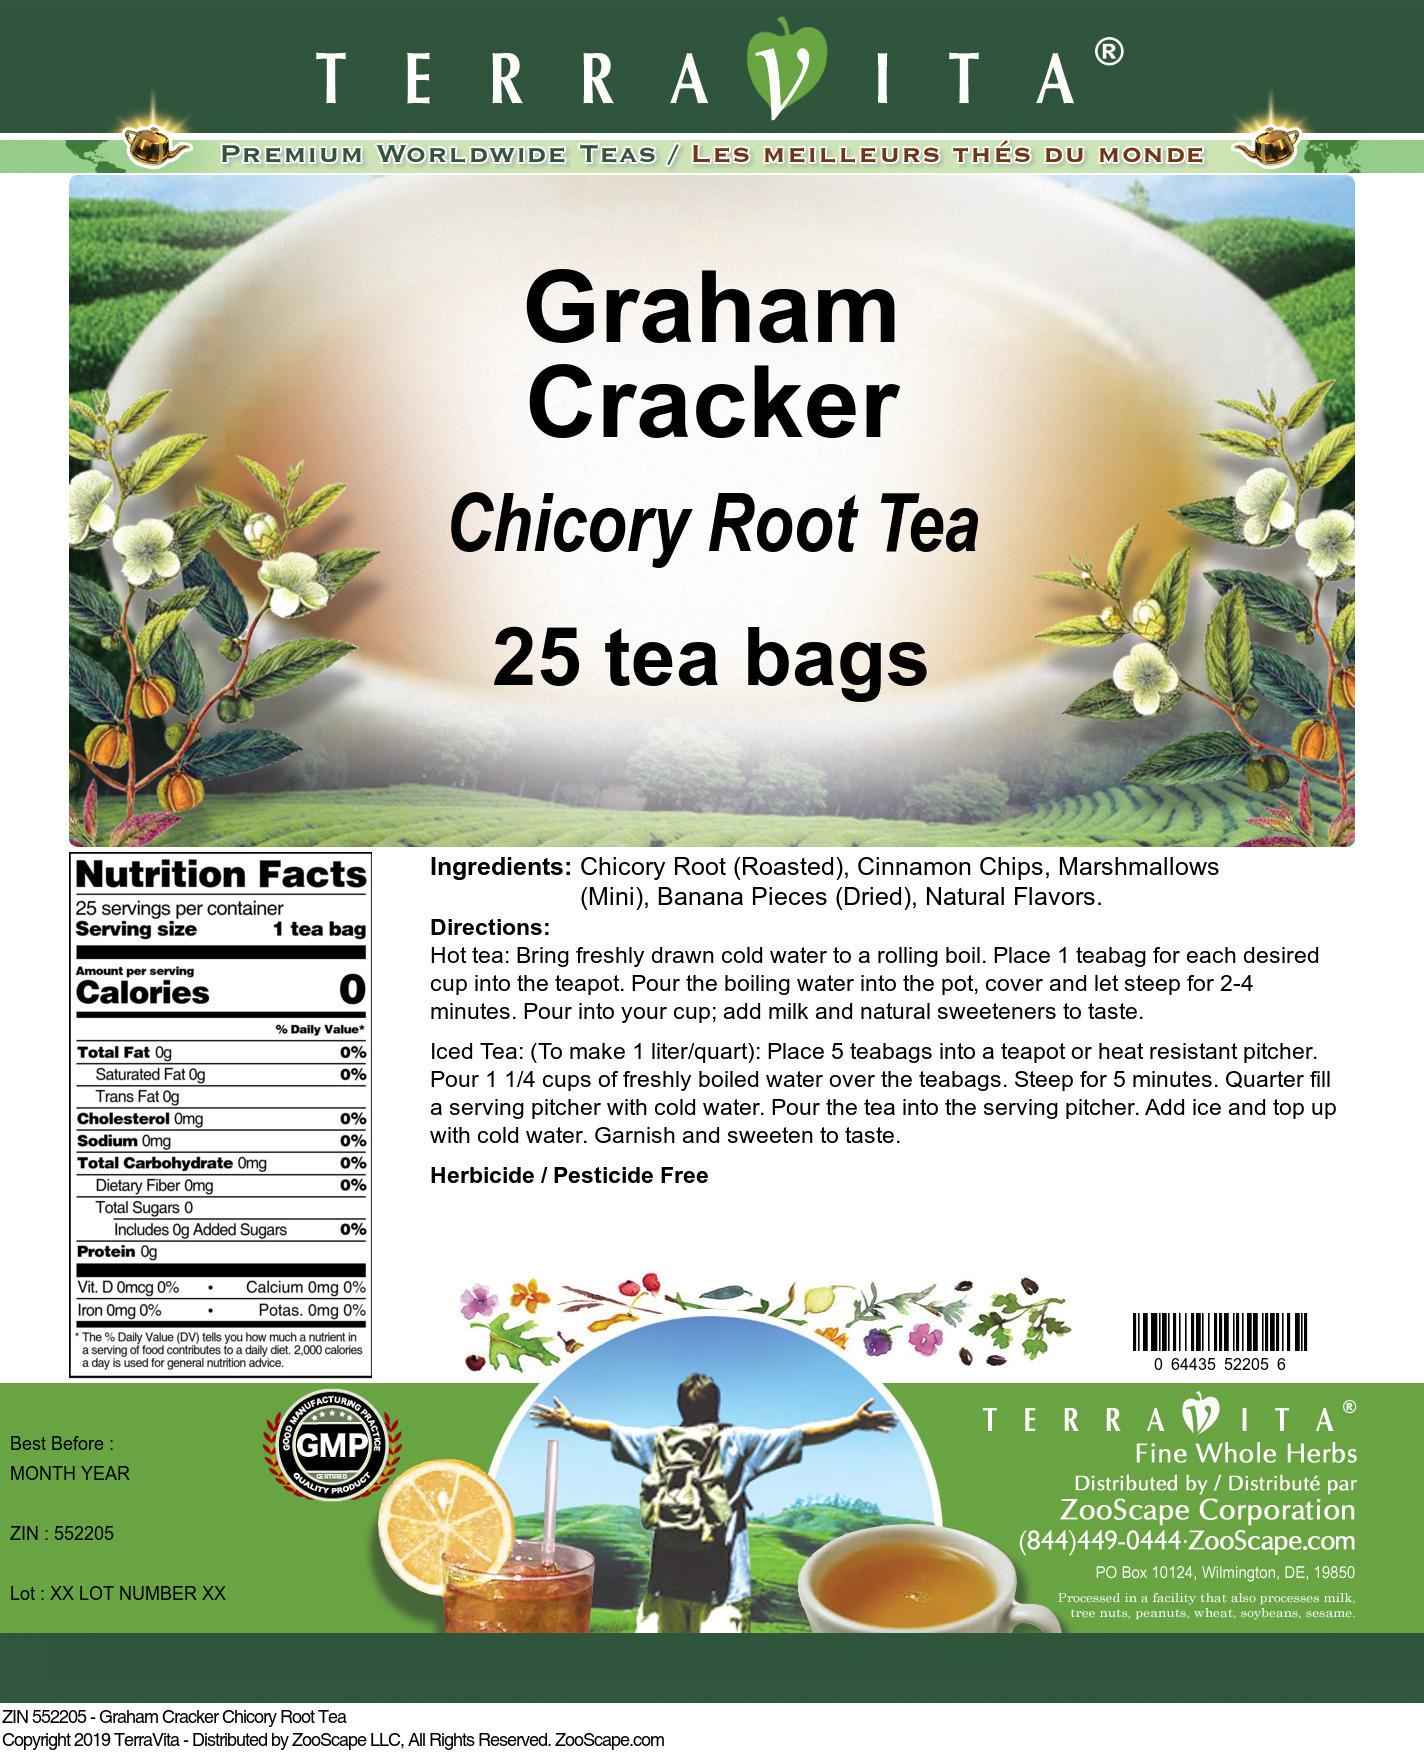 Graham Cracker Chicory Root Tea